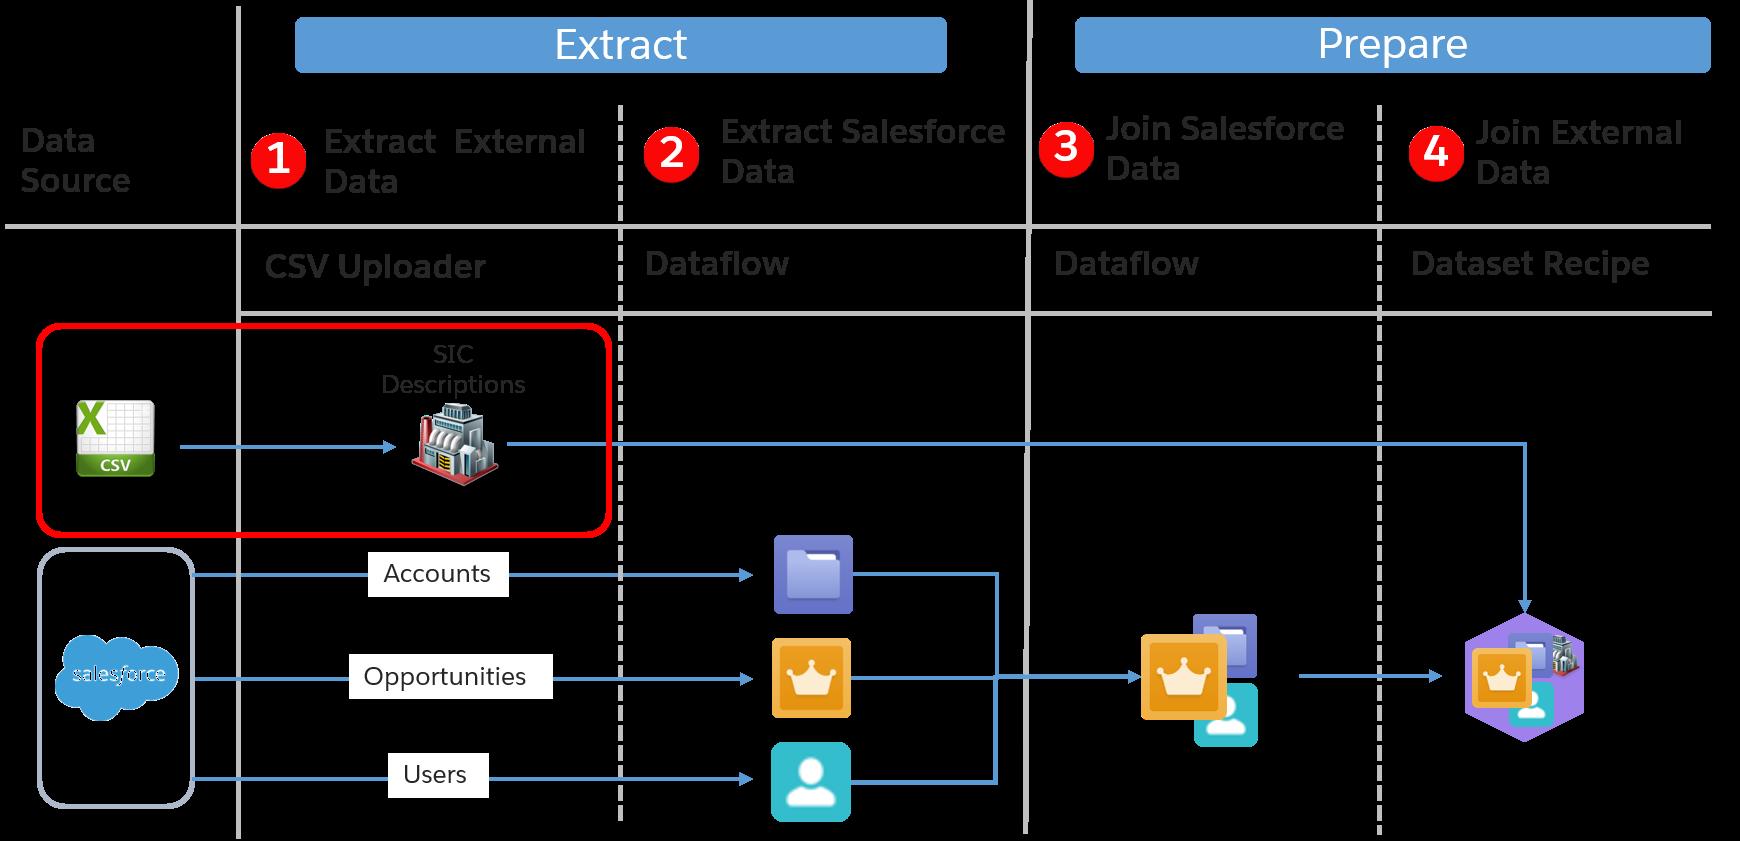 Représentation de l'importation des données avec mise en évidence du processus d'extraction de données externes